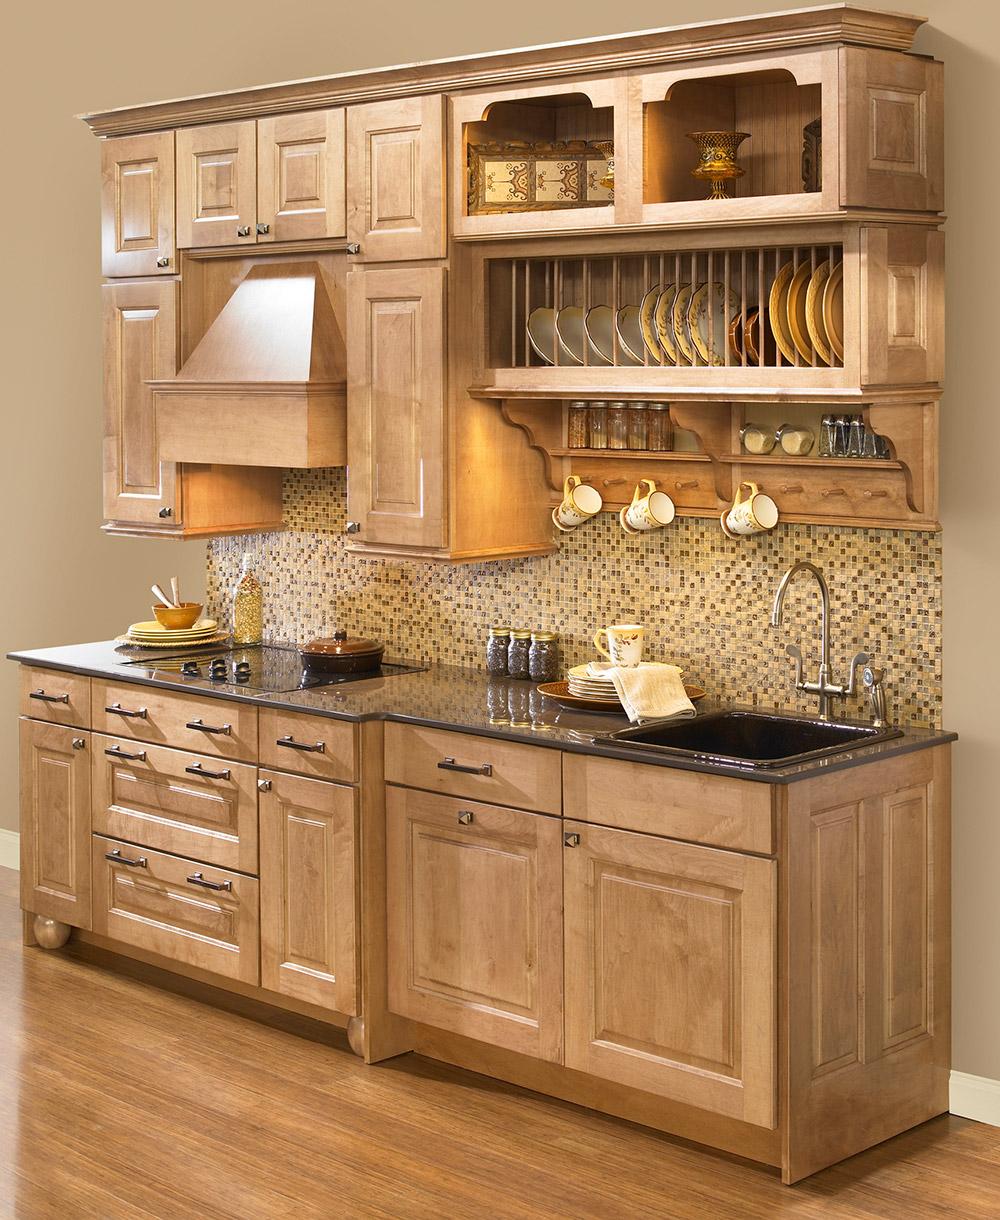 Сушилка для тарелок в интерьере кухни как часть мебельного гарнтура